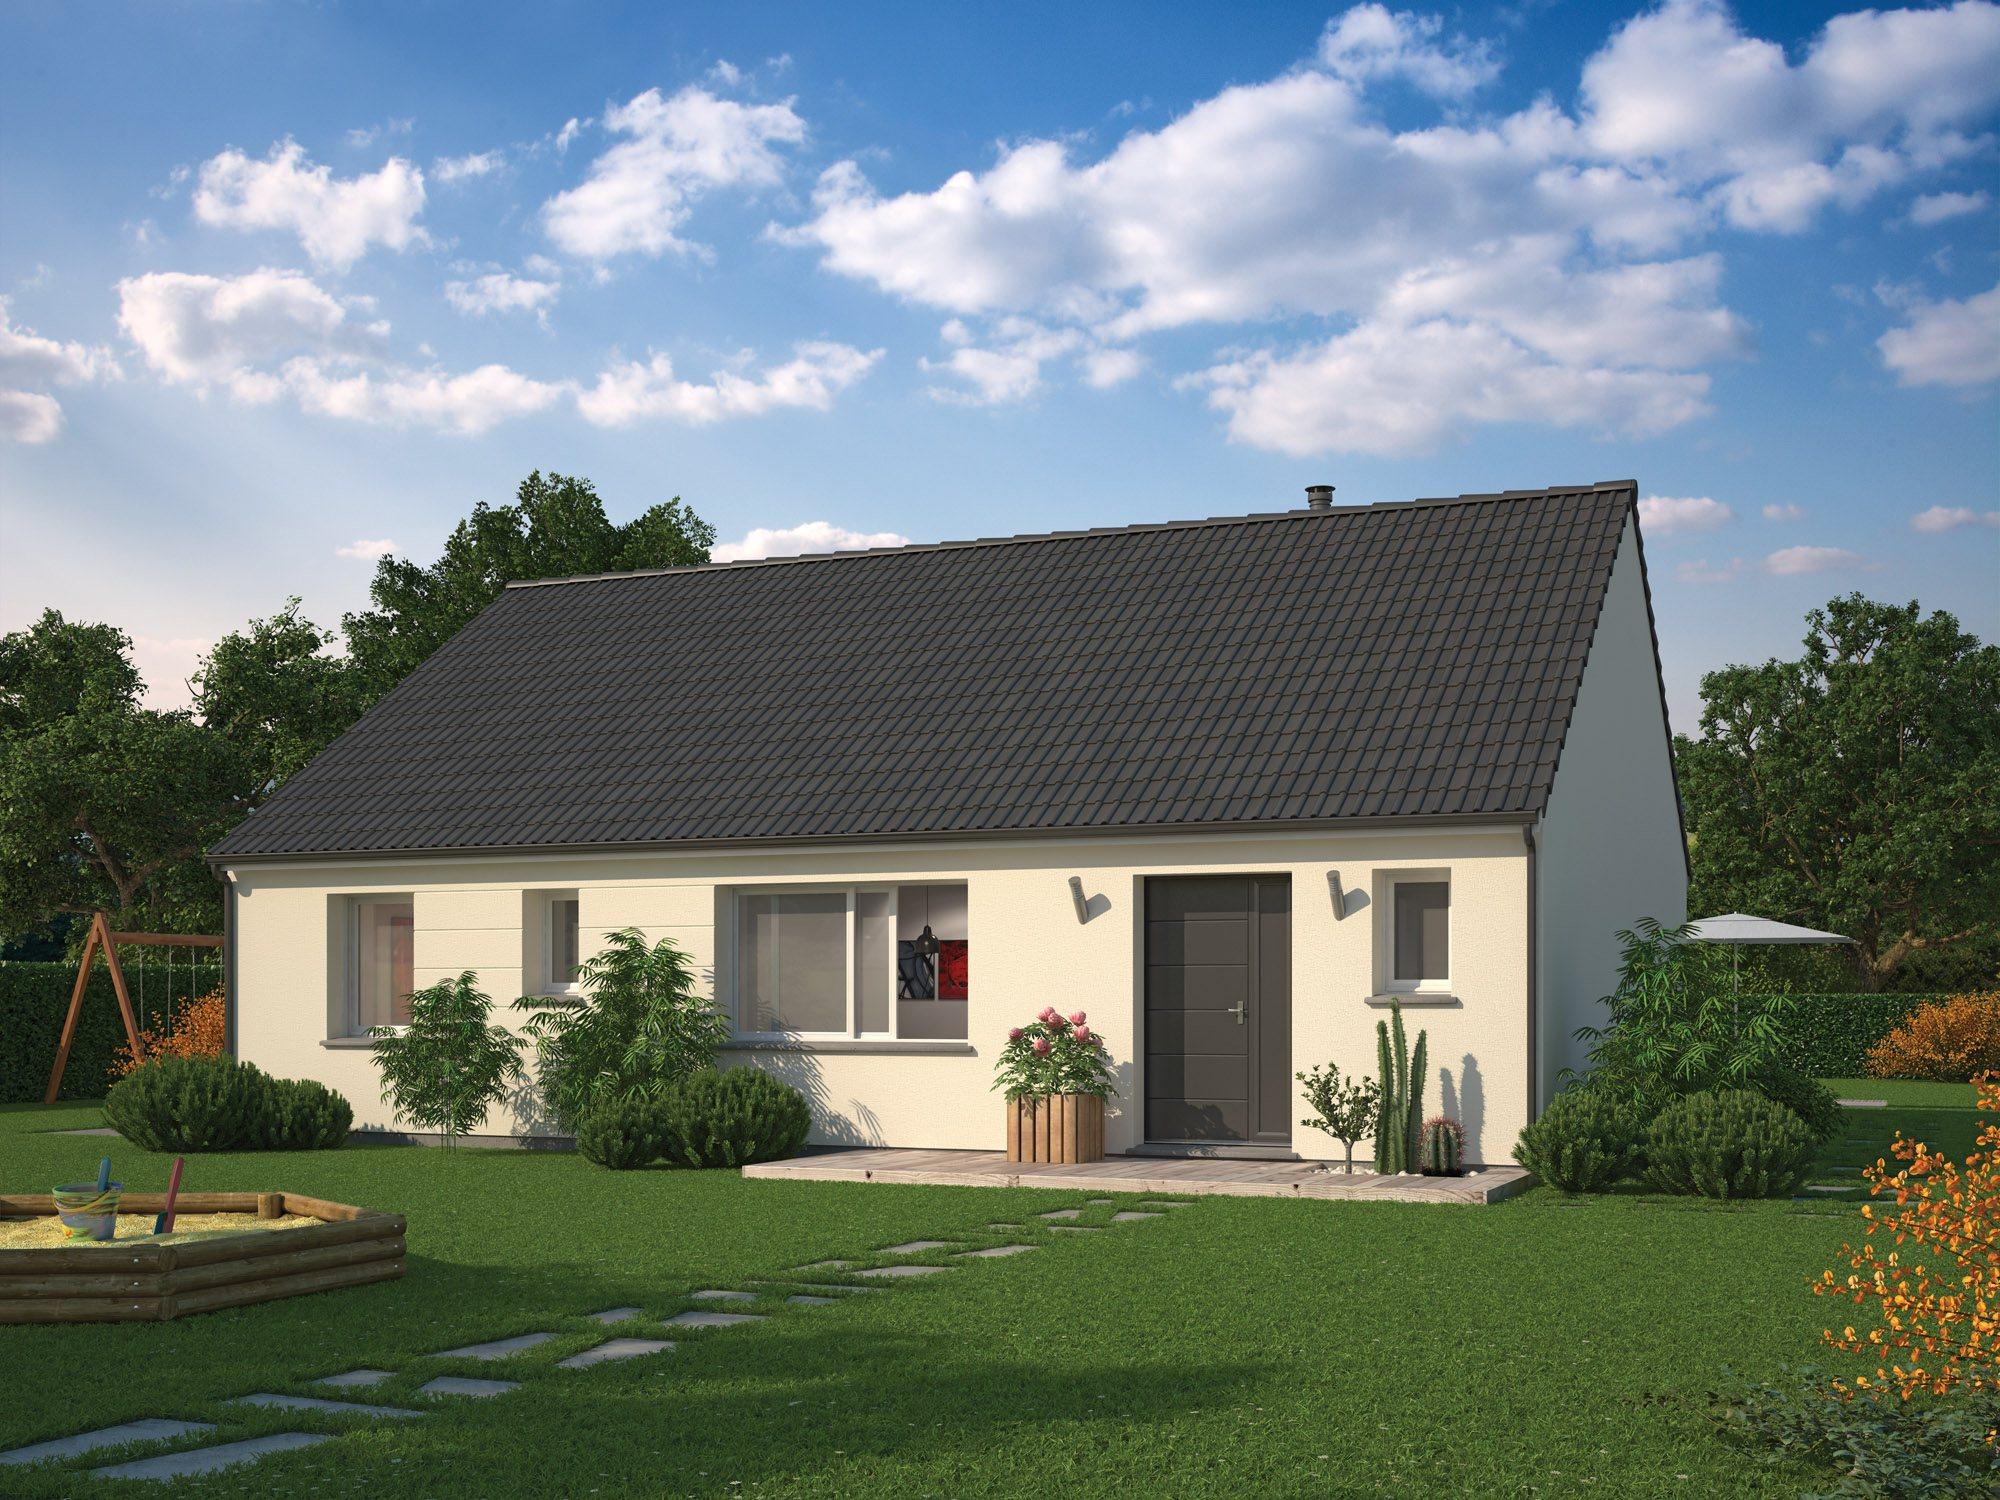 Maisons + Terrains du constructeur MAISON FAMILIALE • 97 m² • BASSEVELLE